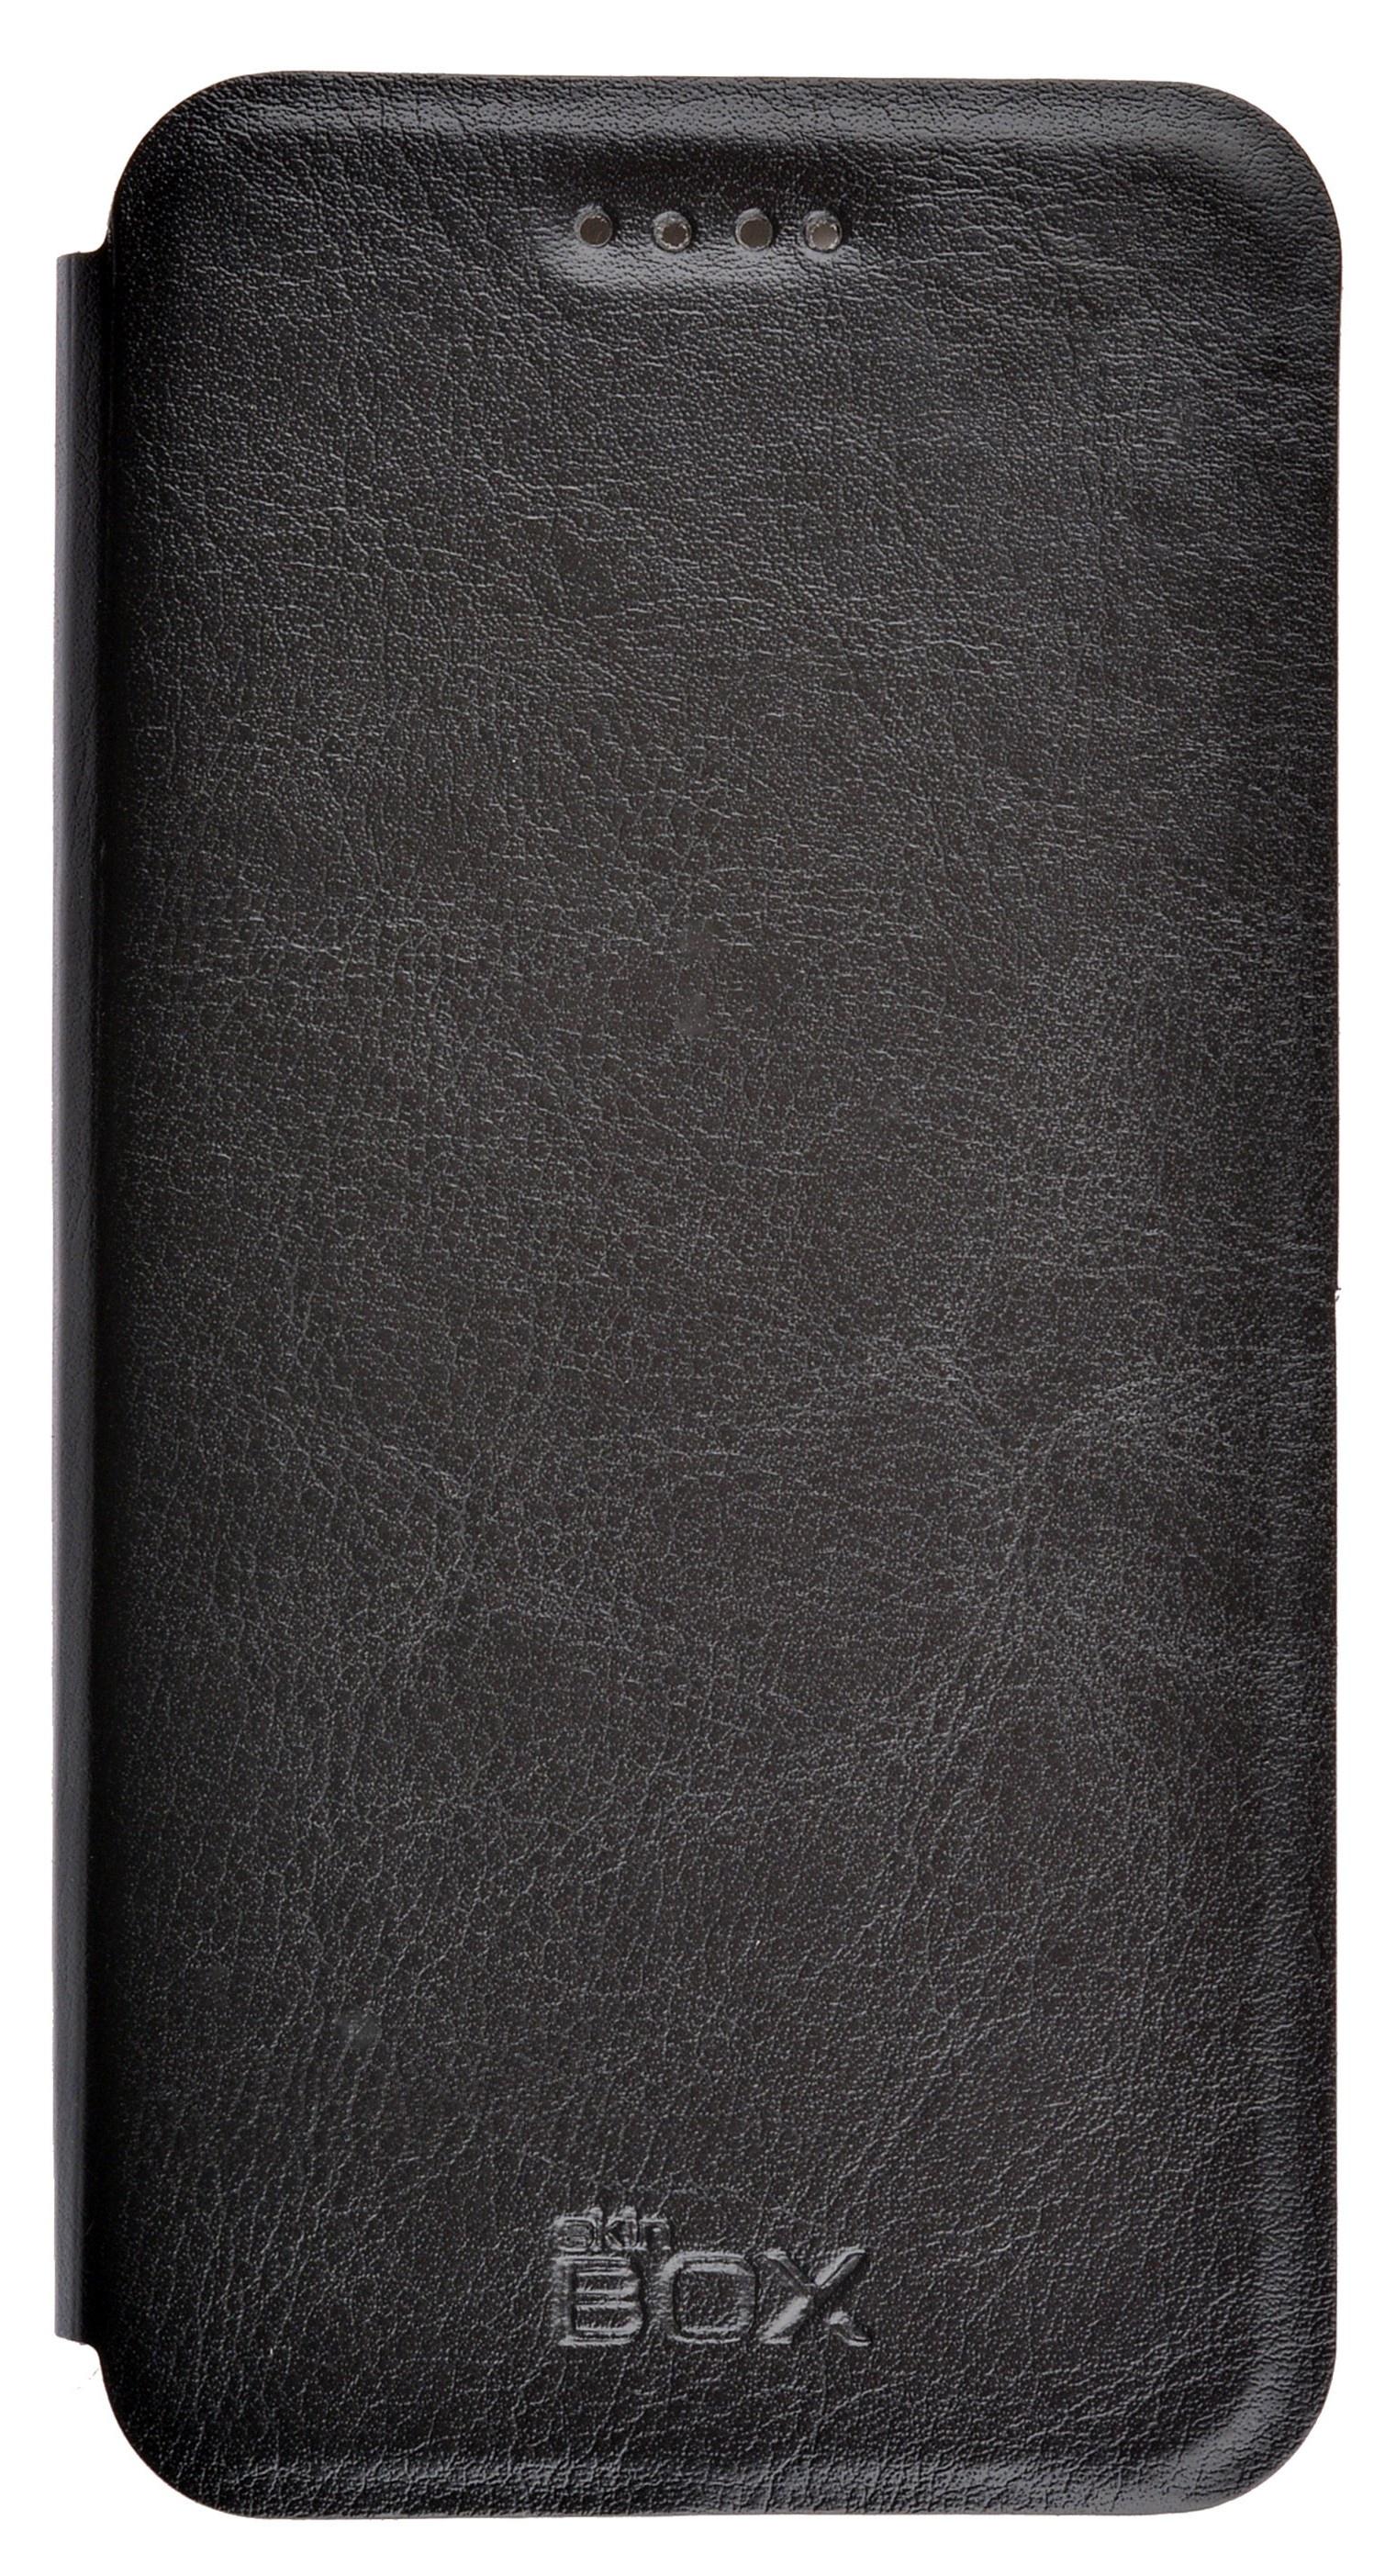 Чехол для сотового телефона skinBOX Lux, 4630042528796, черный все цены